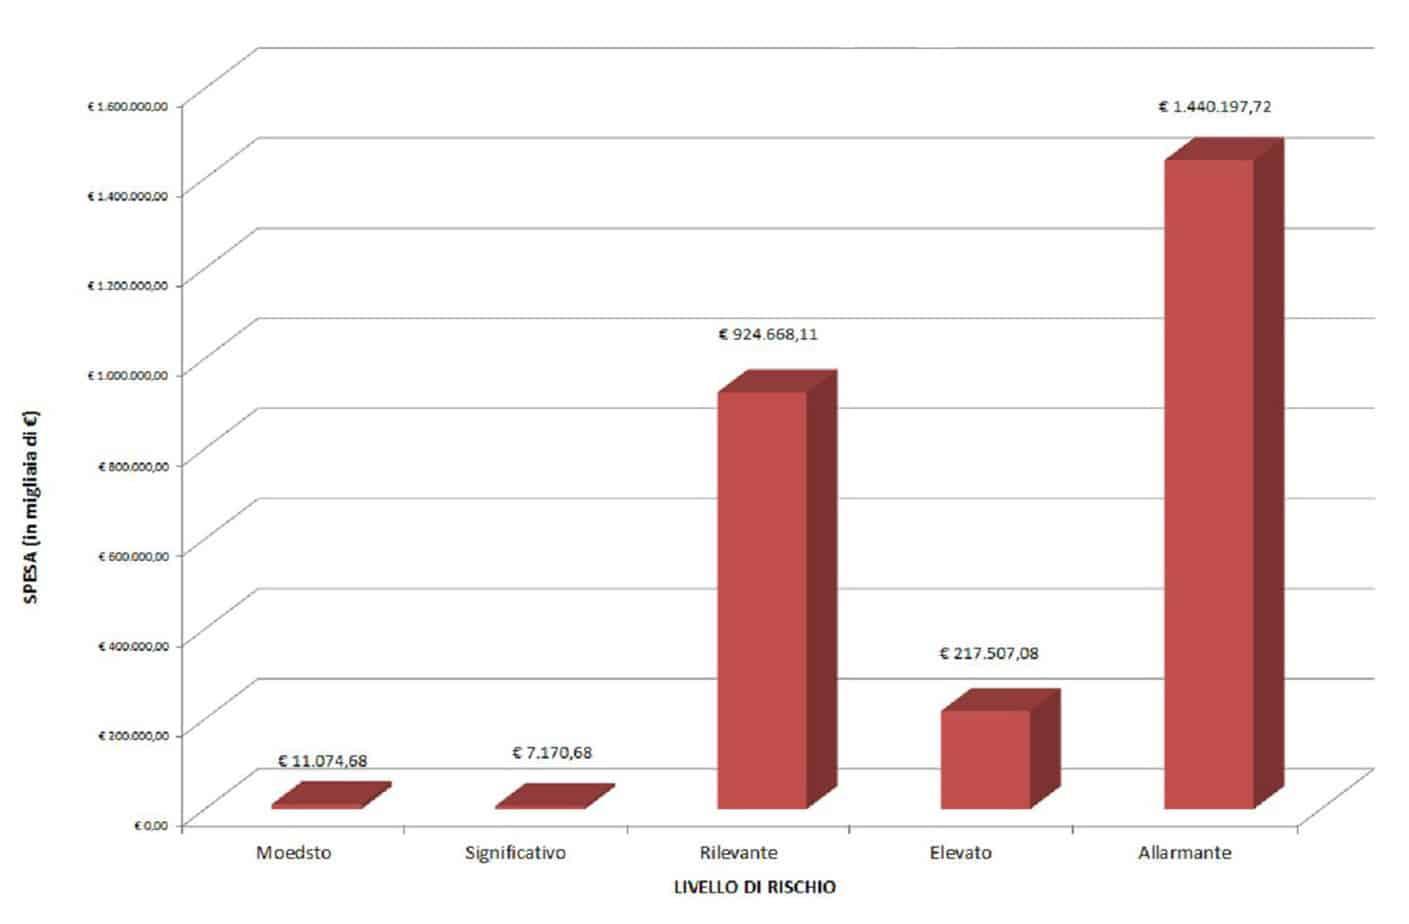 La distribuzione delle risorse necessarie per ripristinare le barriere esistenti in funzione dei livelli di rischio associati